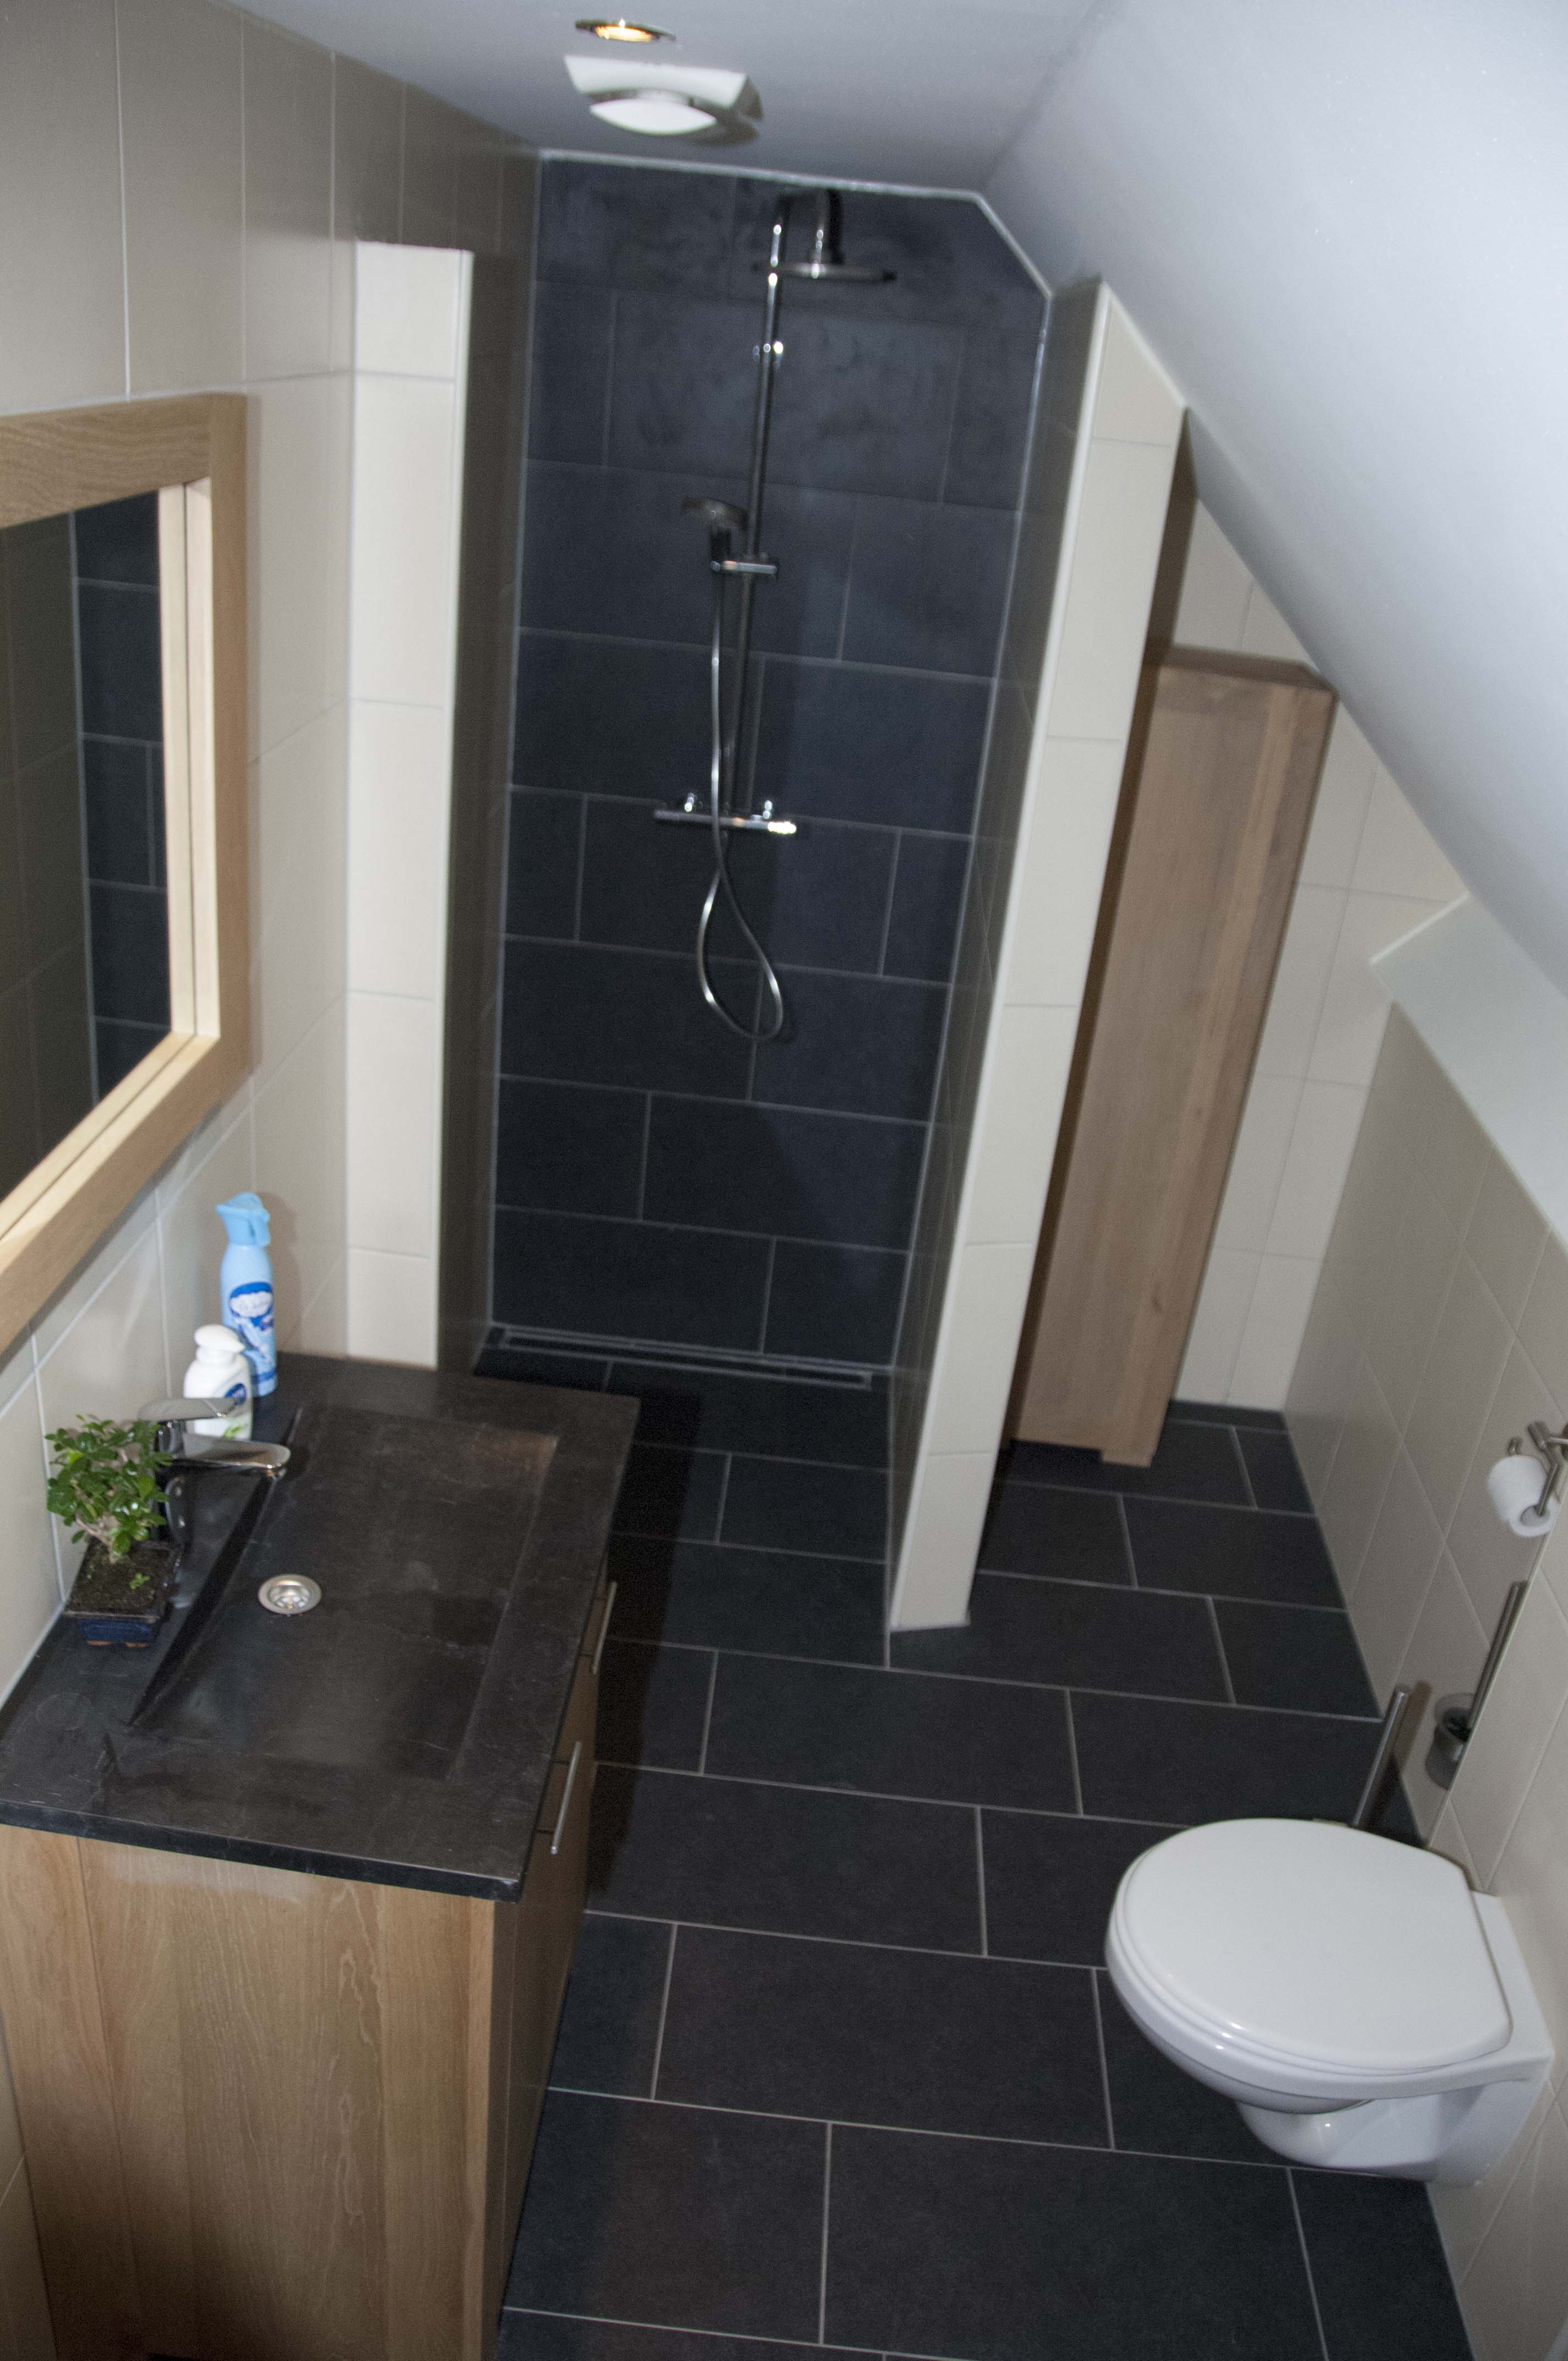 De ruime badkamer met alle gemakken om u verblijf aangenaam te maken.